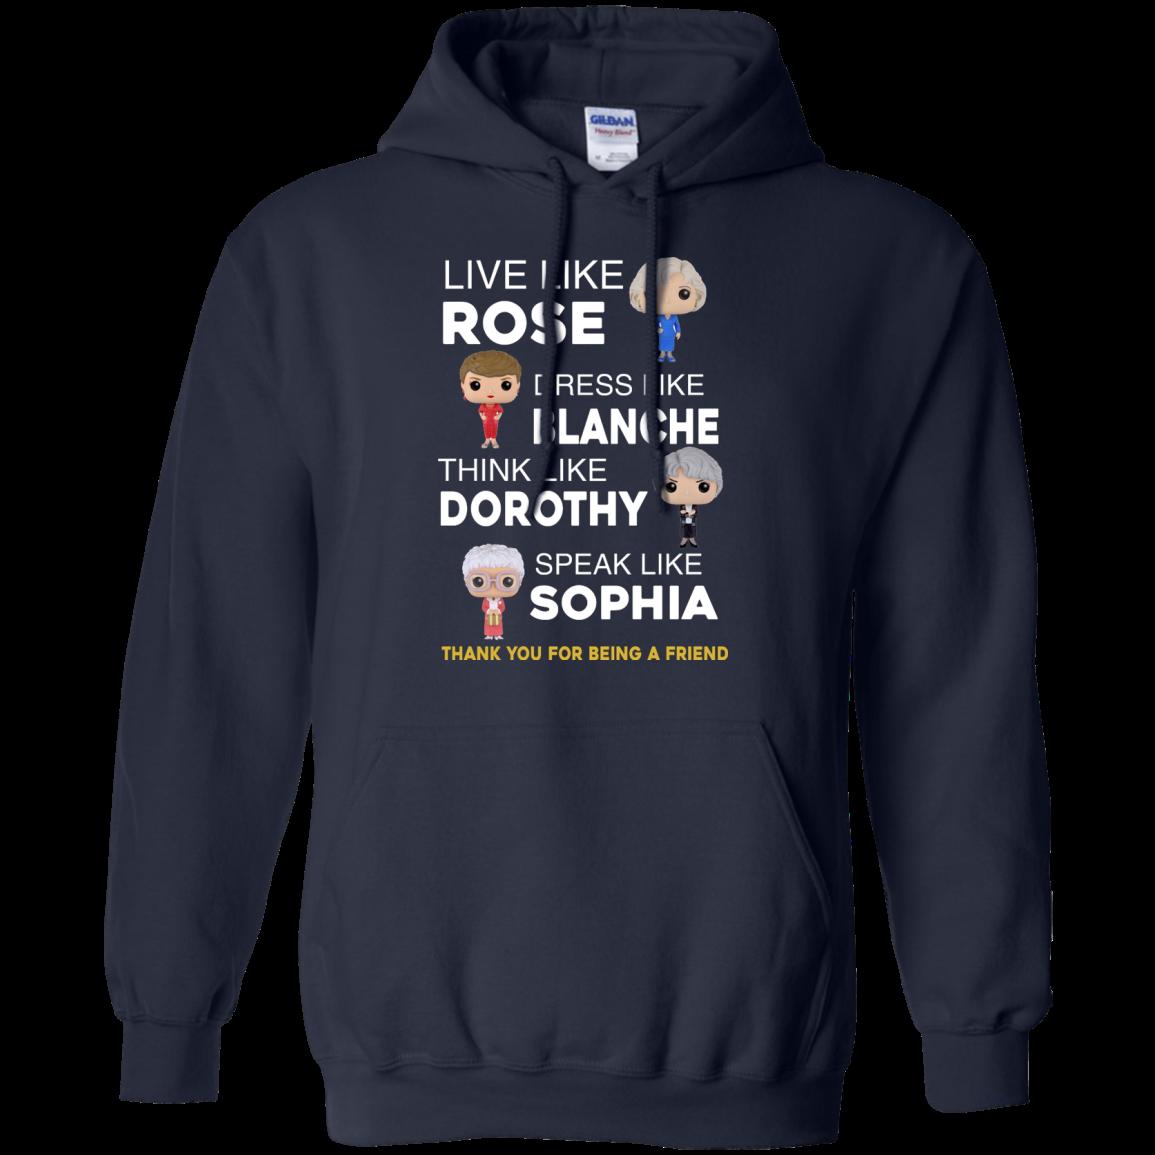 image 437px The Golden Girls: Live Like Rose Dress Like Blanche Think Like Dorothy Speak Like Sophia T Shirt